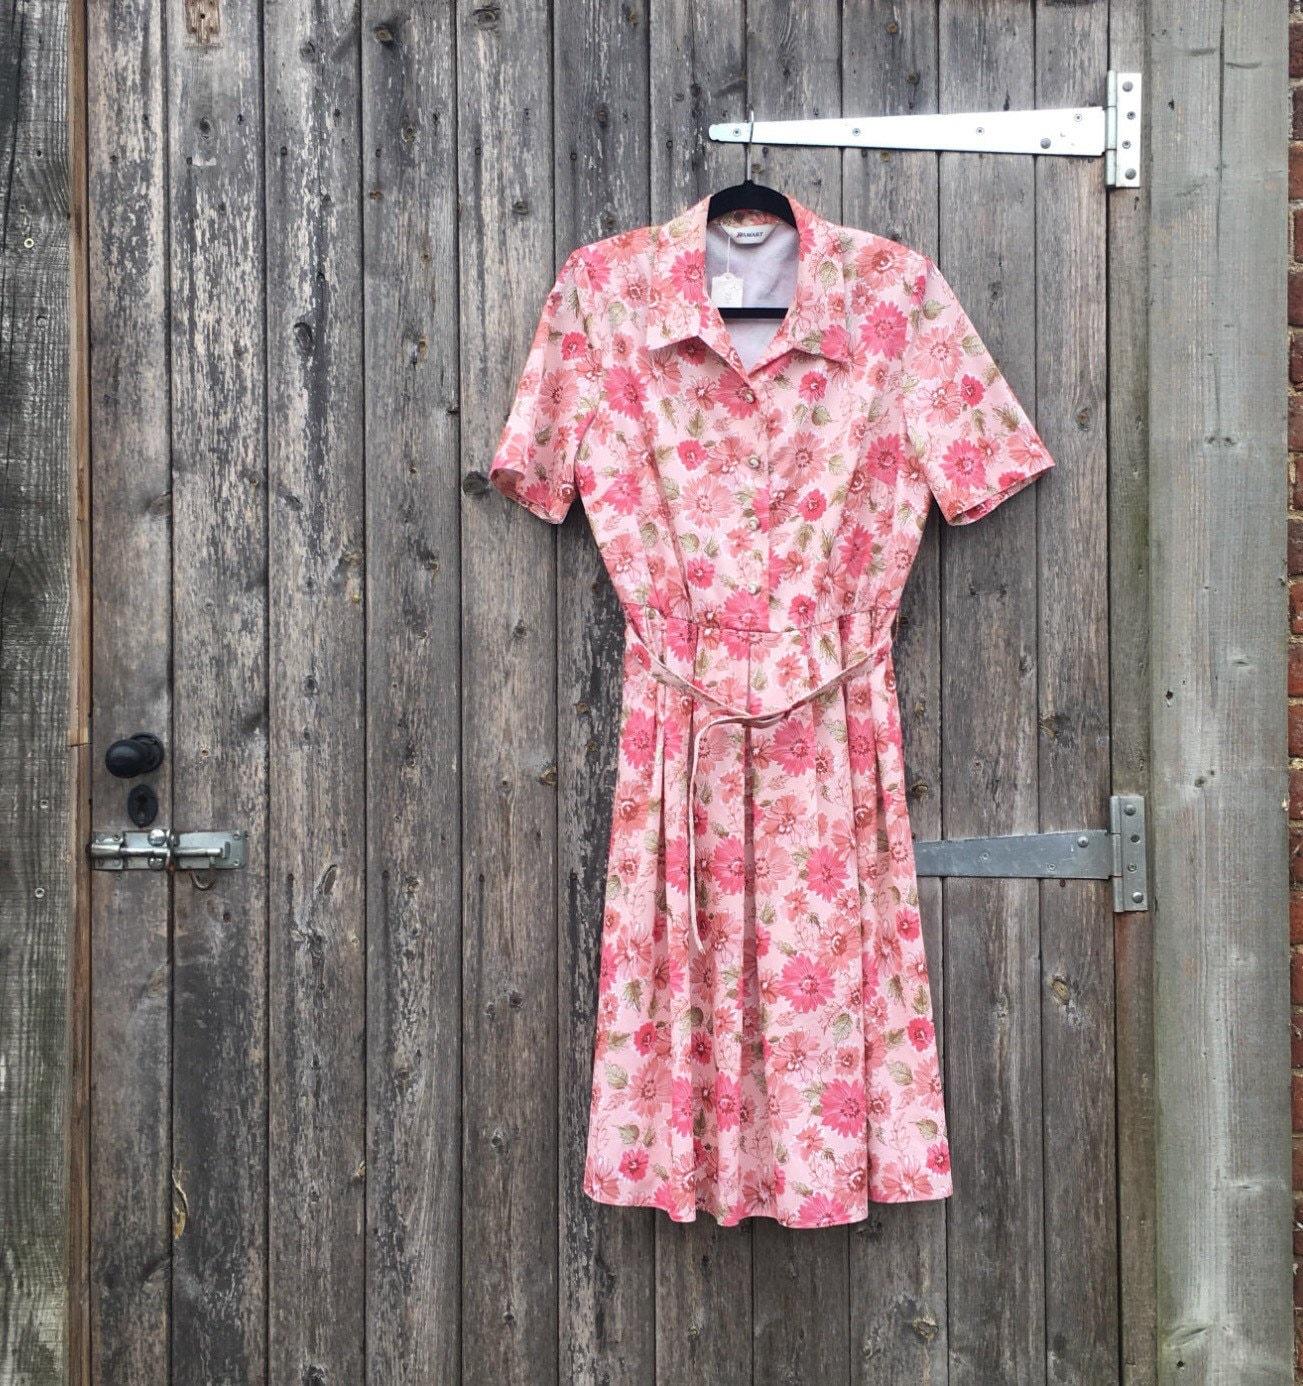 Pink flroal 80s dress  boho pink floral tea dress  quirky vintage dress  summer vintage dress  festival boho dress  mid length dress